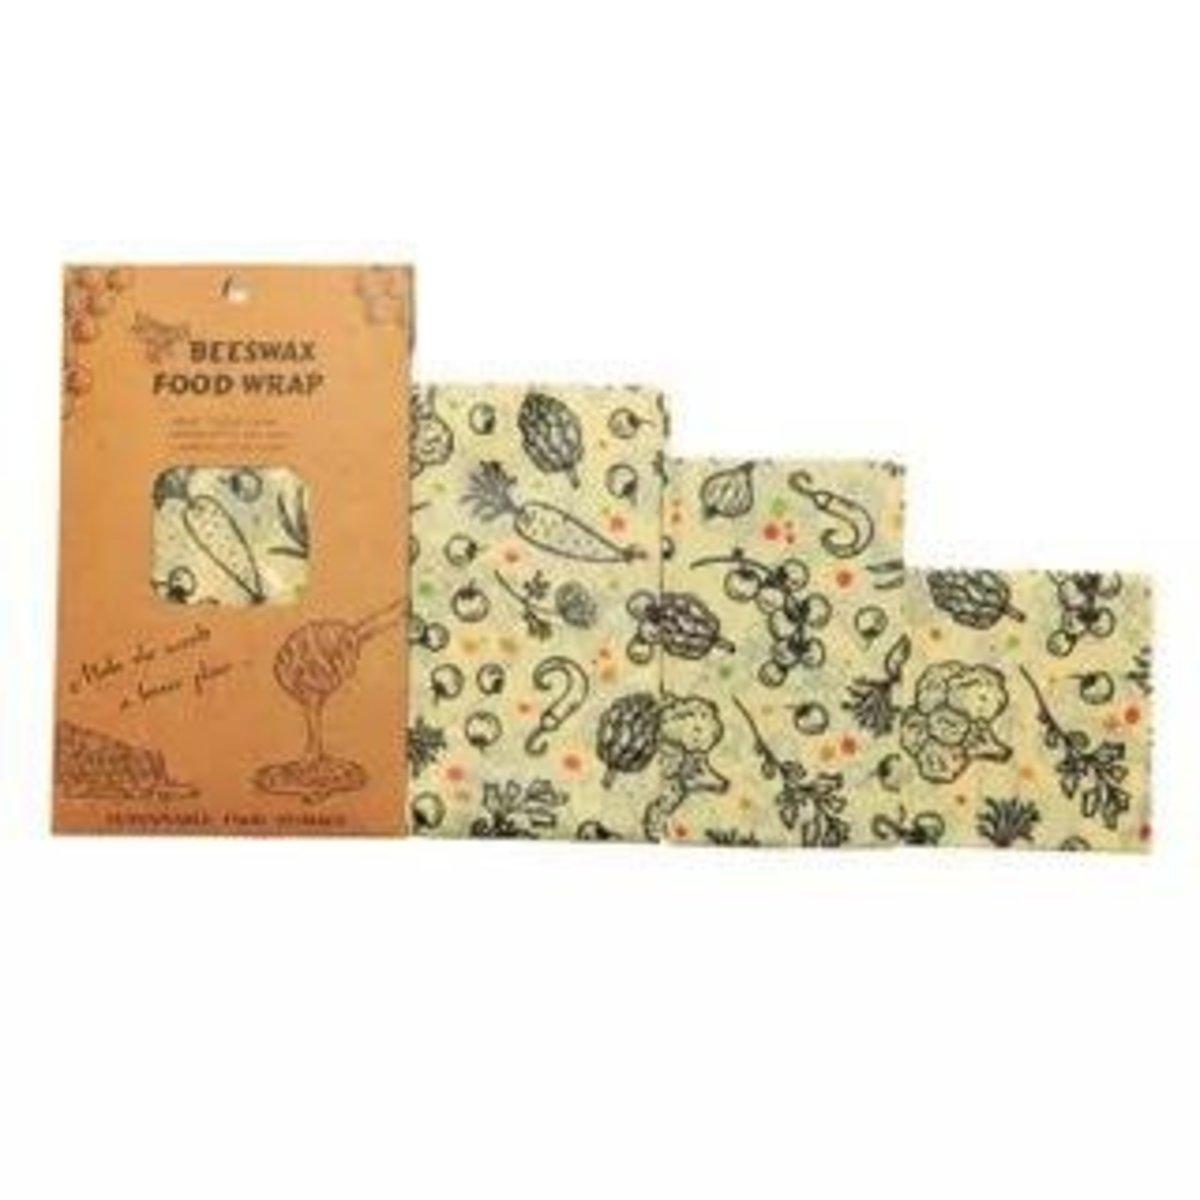 可重用環包蜂蠟保鮮紙 - 蔬菜花紋(1包3個)